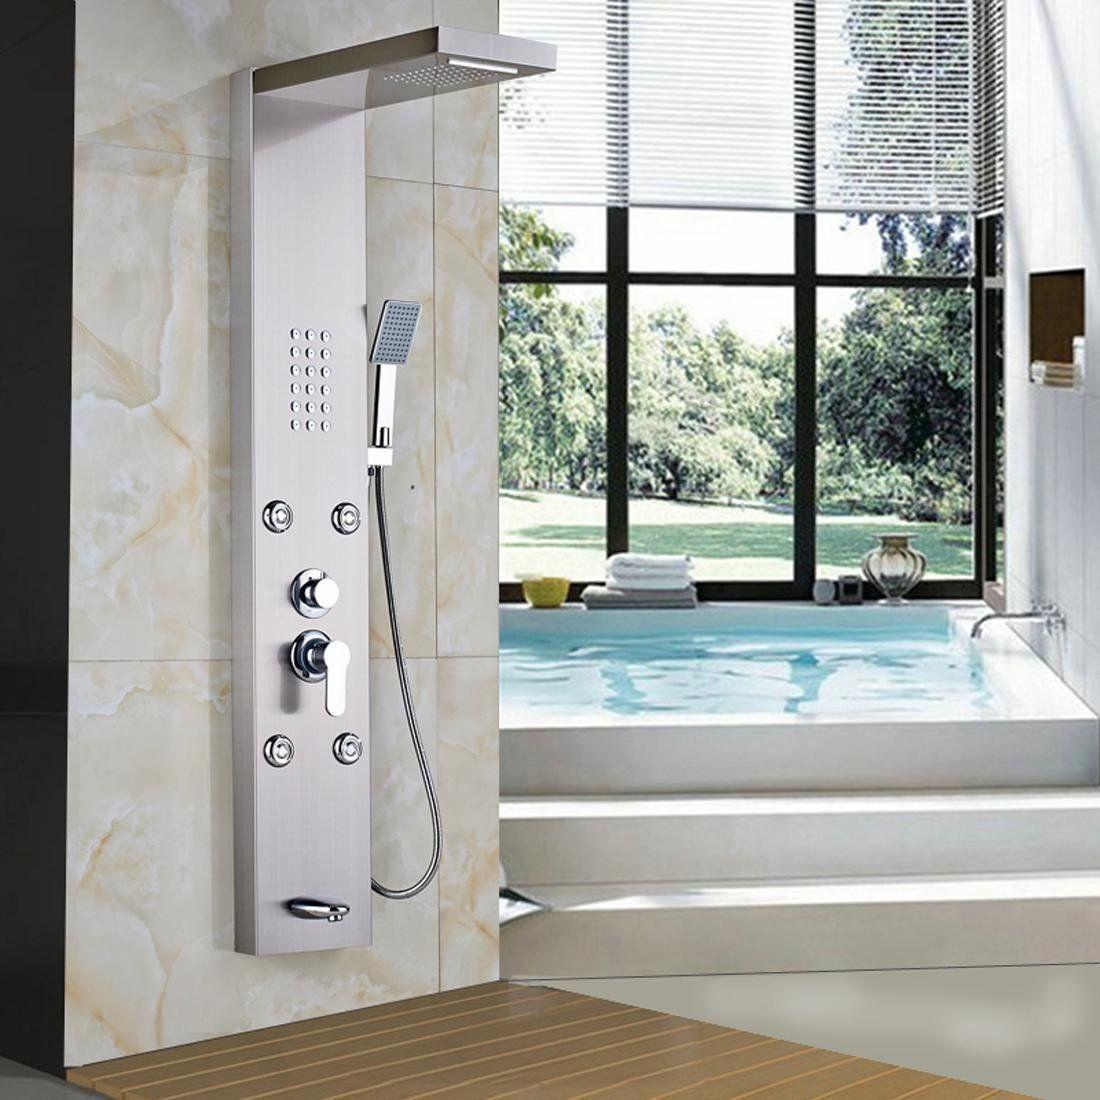 Fx@ Edelstahl Regen Wasserfall Dusche Panel Messing Massage System